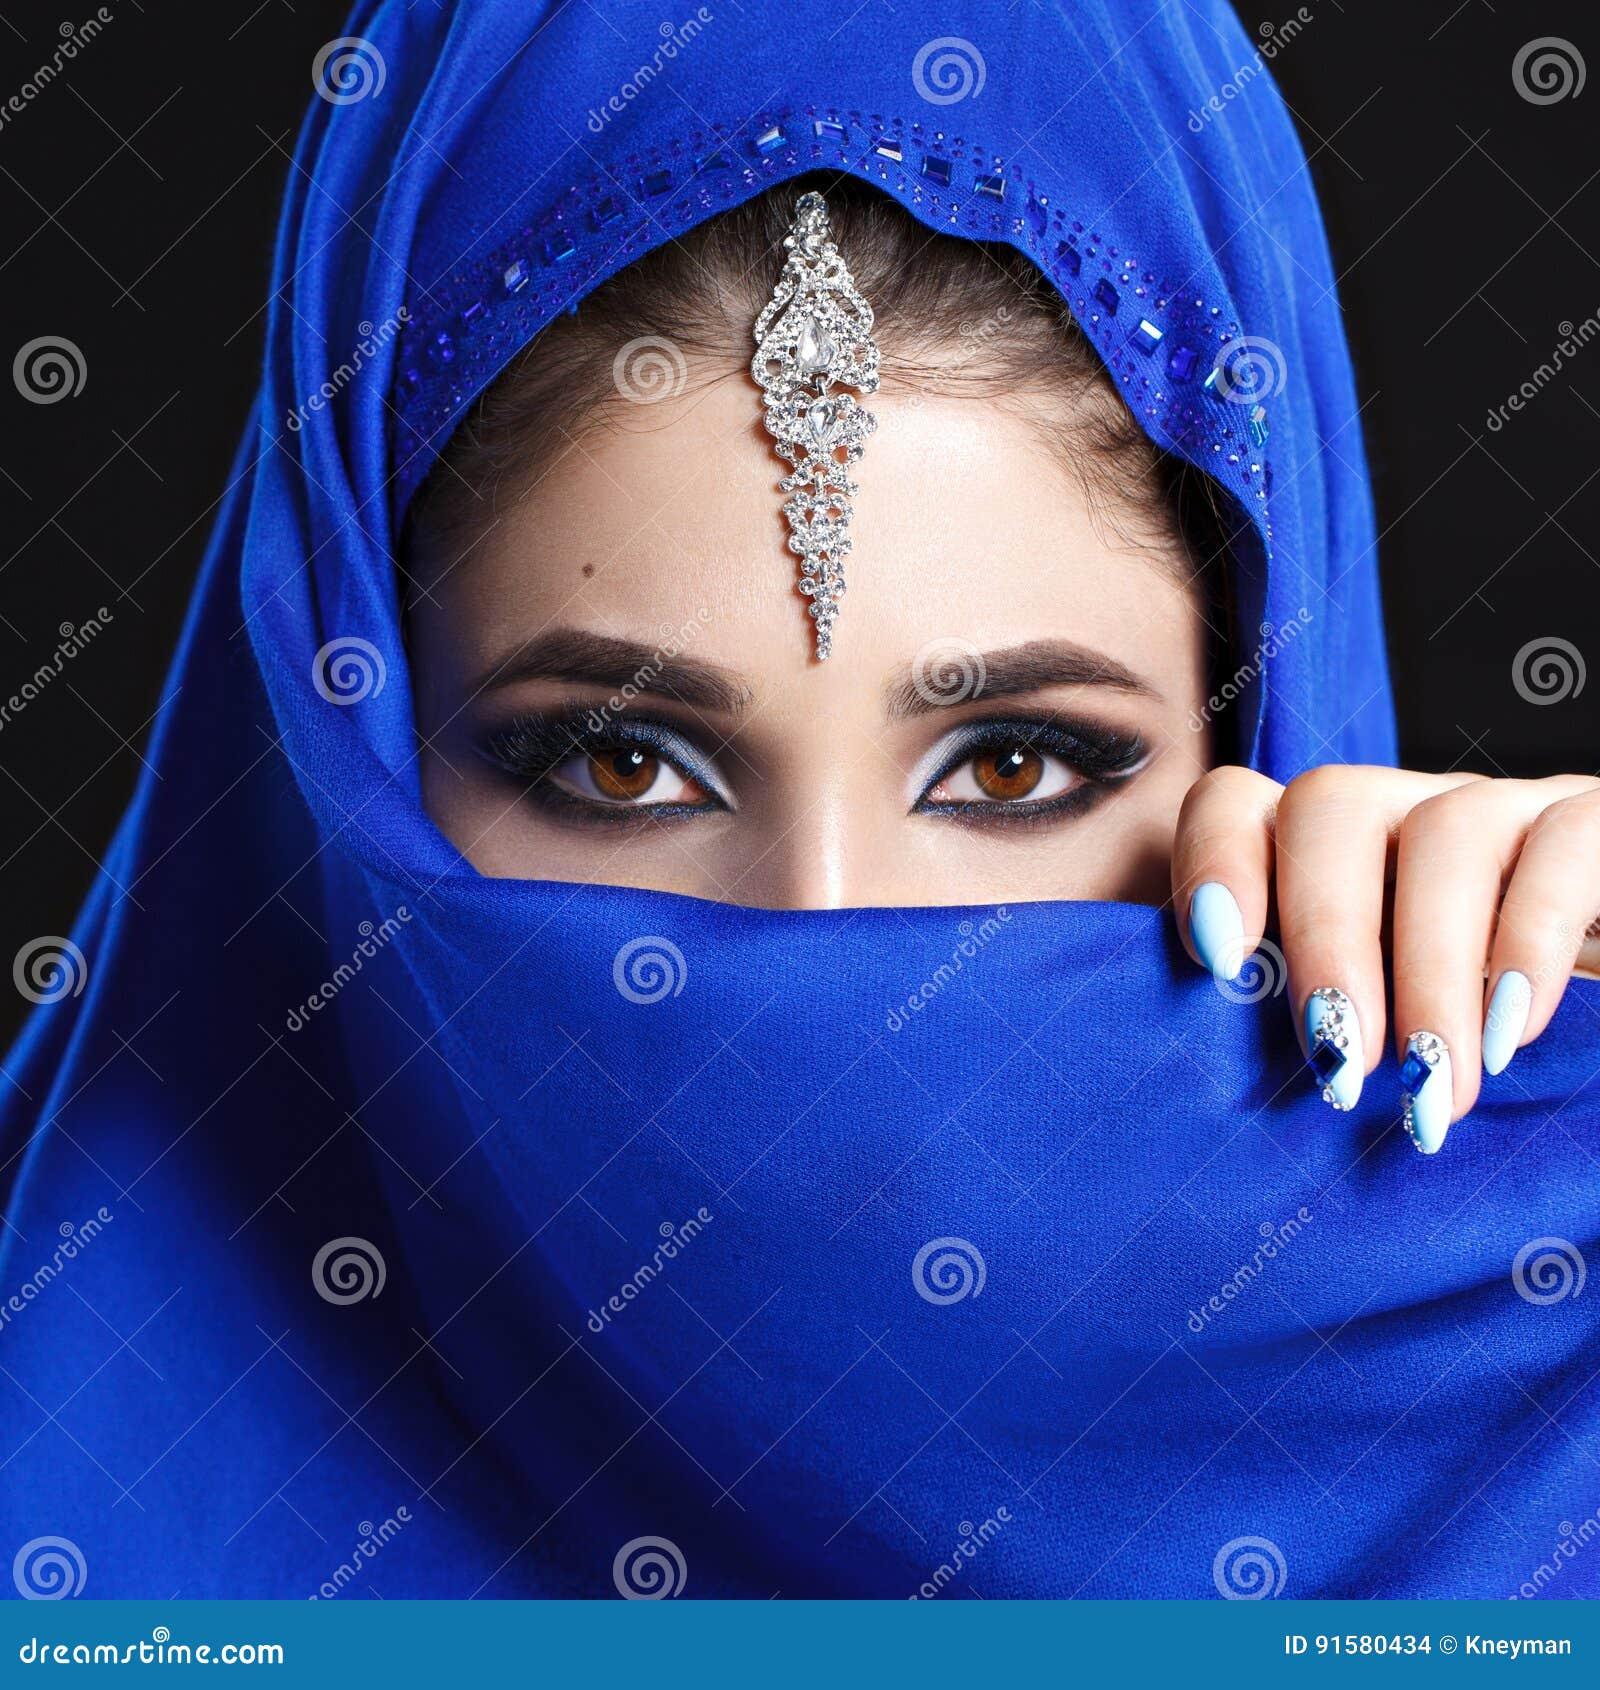 Πανέμορφο νέο πορτρέτο προσώπου ανατολικών γυναικών στο hijab Πρότυπο κορίτσι ομορφιάς με τα φωτεινά φρύδια, τέλεια σύνθεση, σχετ